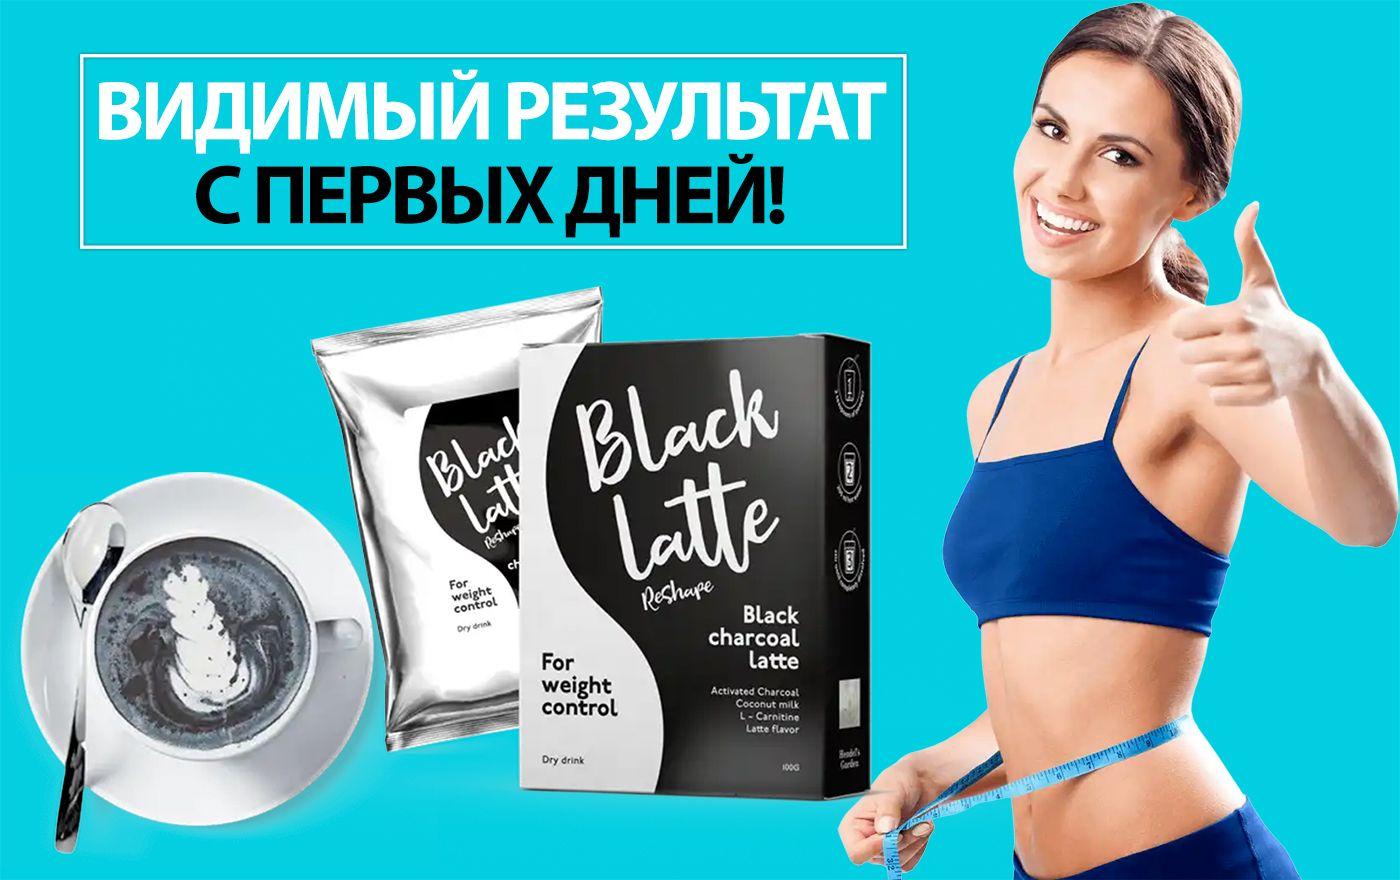 купить BLACK LATTE (Блек Латте) - средство для похудения